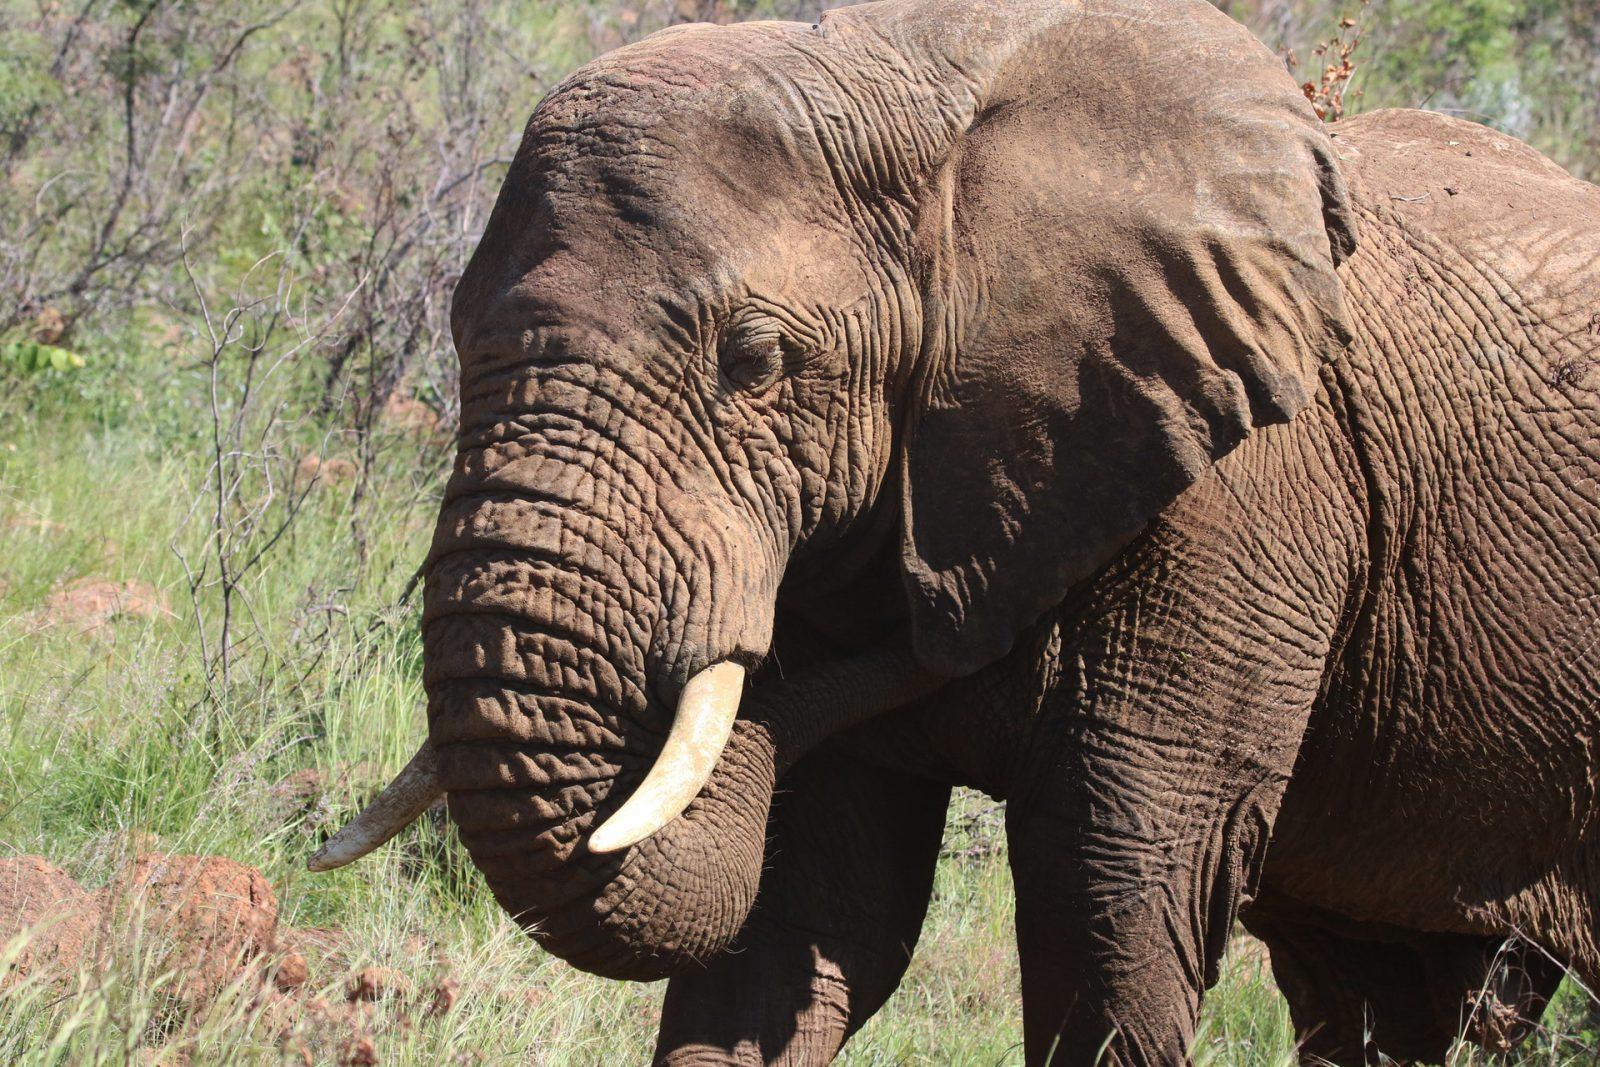 Apesar de enorme e pesado, o elefante é uma nimal frágil.